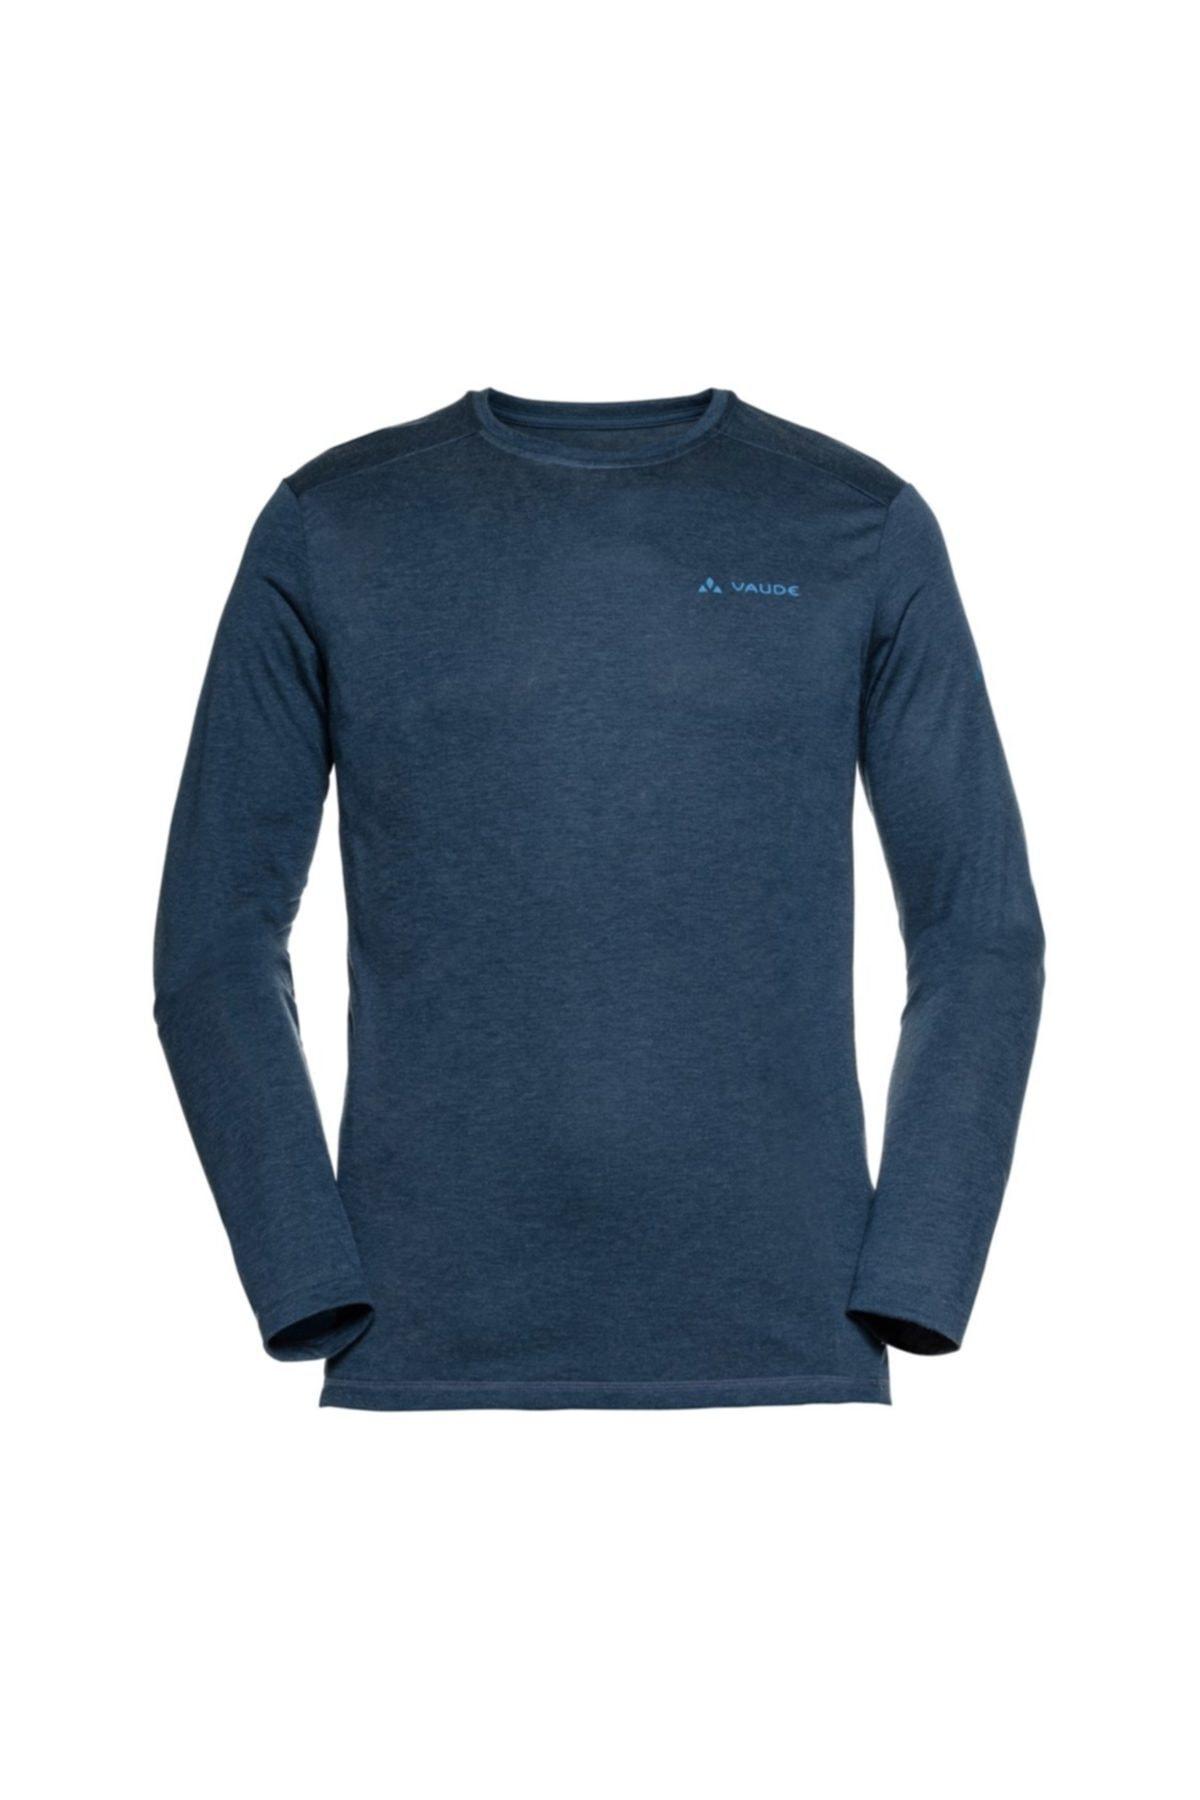 VAUDE Me Sveit Ls Erkek T-shirt 40950 1